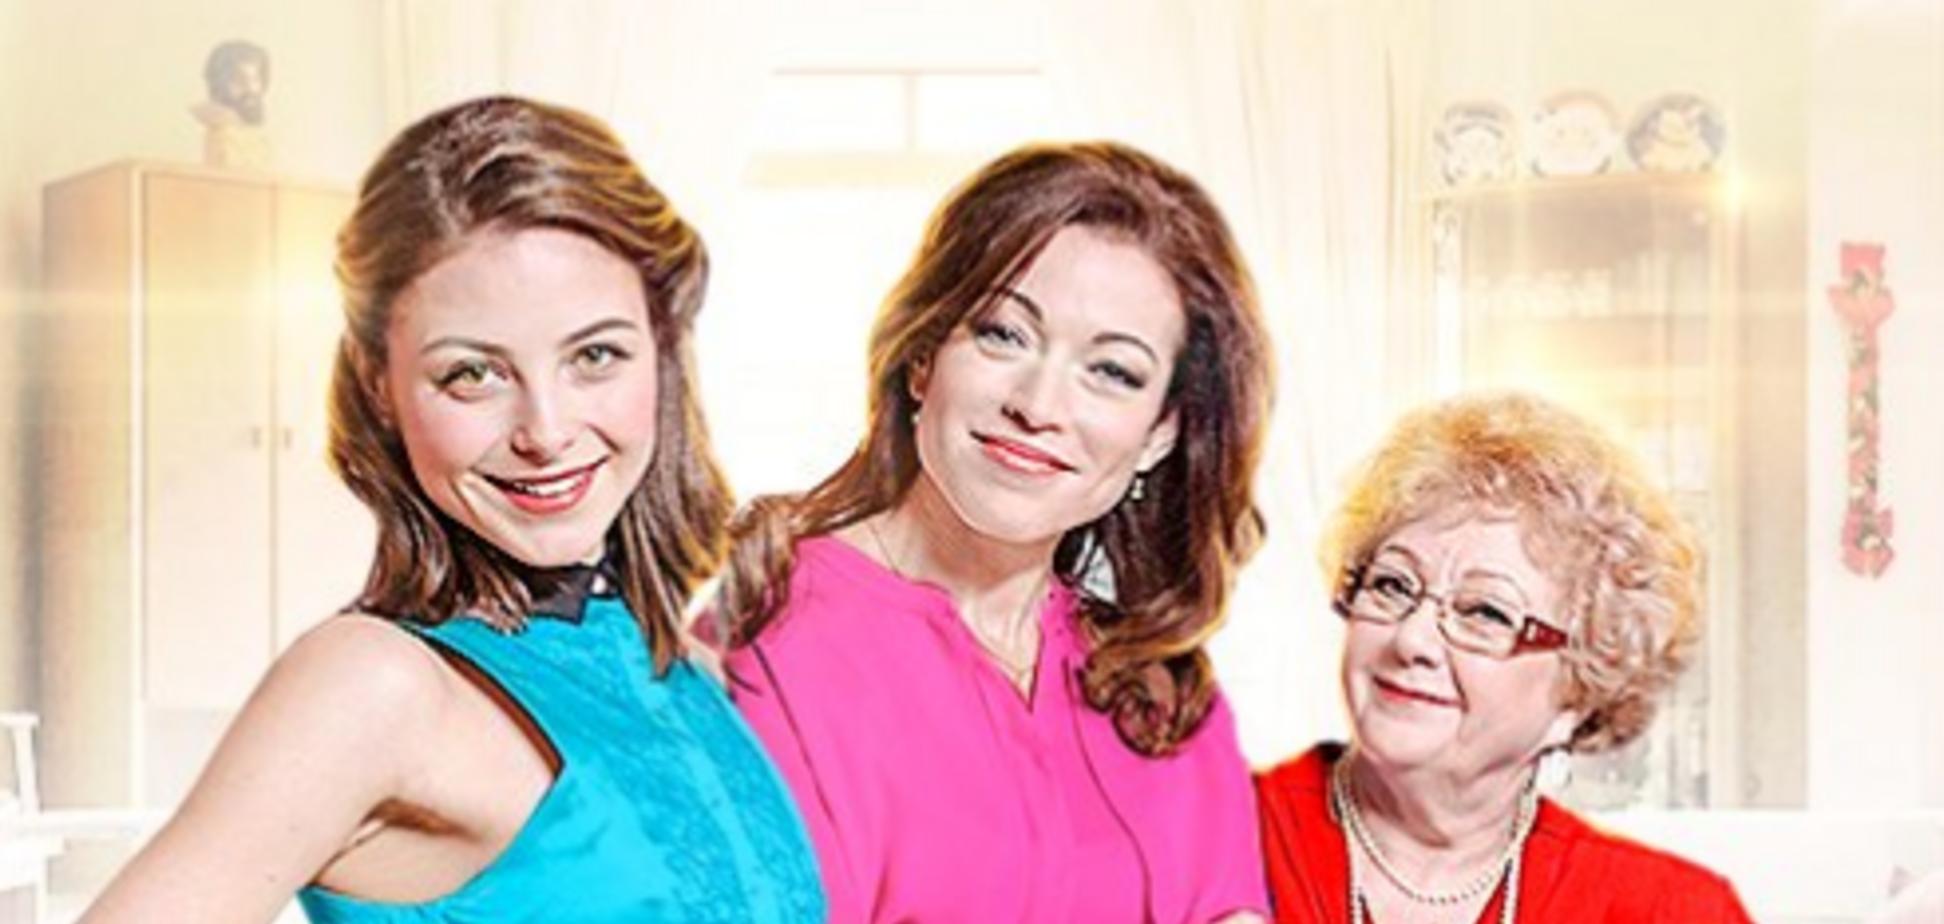 Серіал 'Три щасливих жінки' ( 'Жінки в любові')